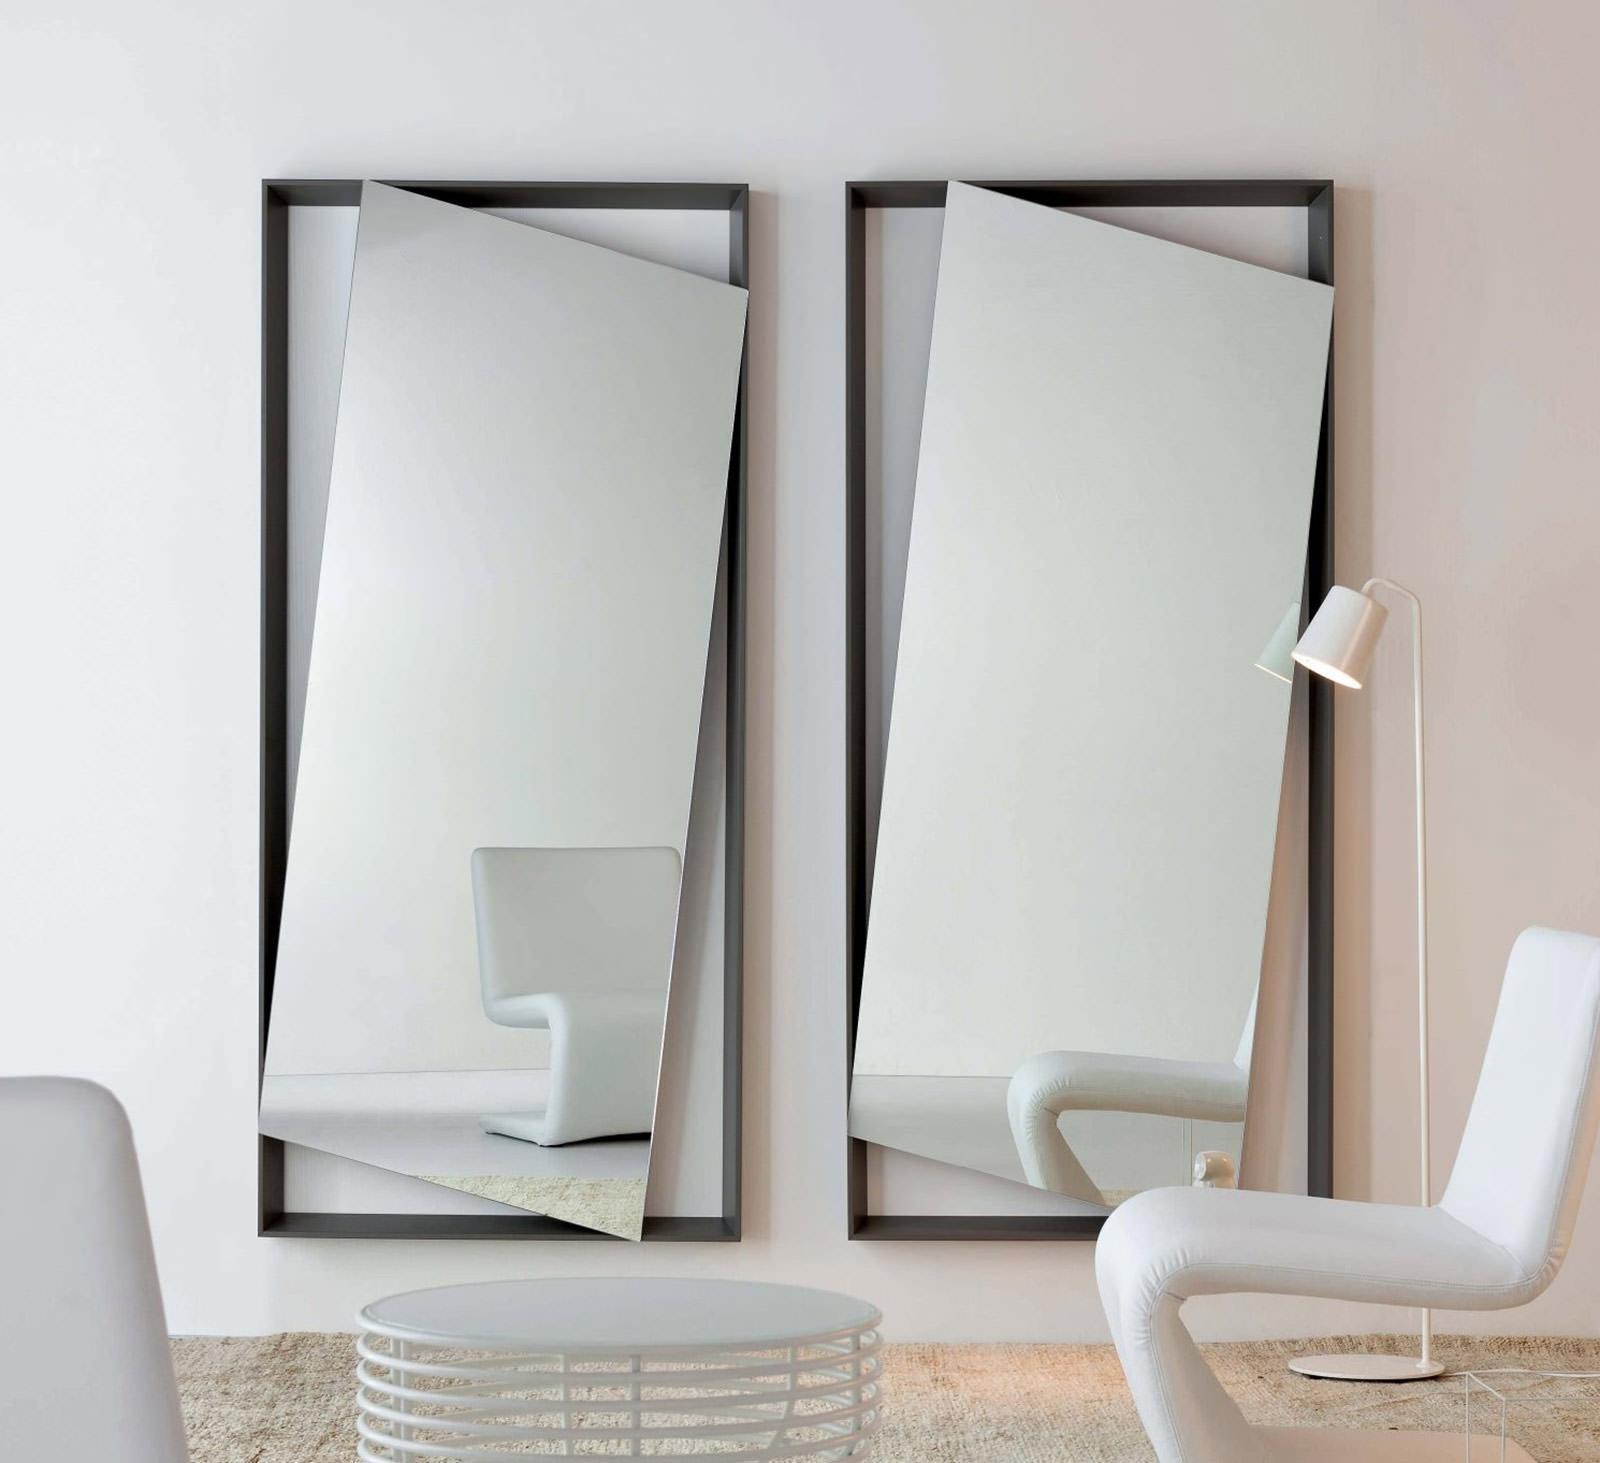 Nuova vetreria manzanese - Specchi particolari per bagno ...